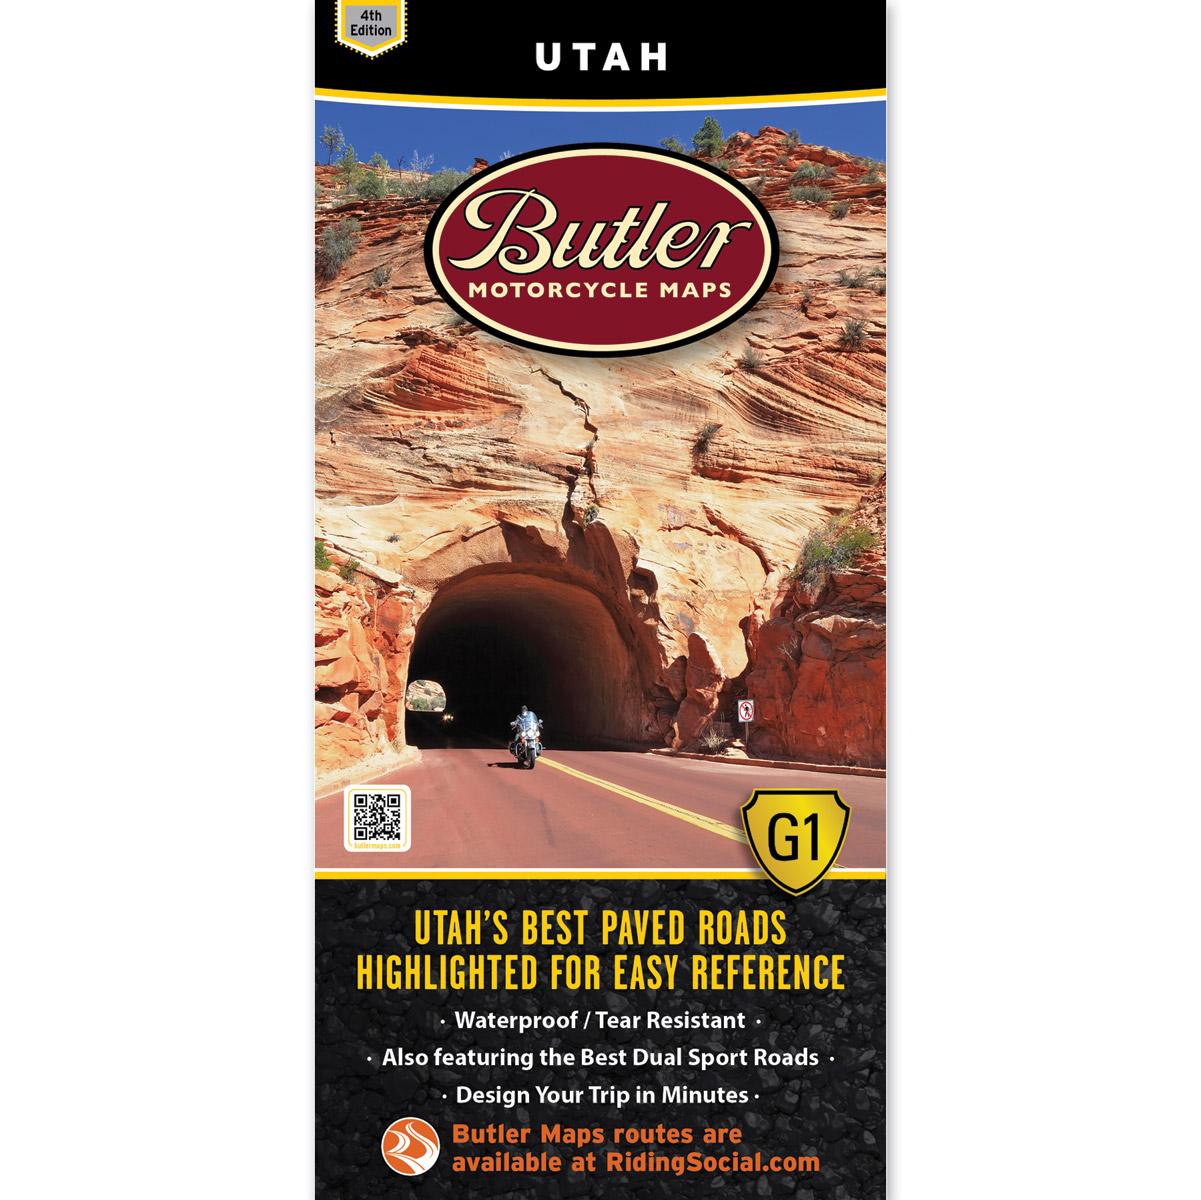 Butler Maps G1 Utah Motorcycle Map